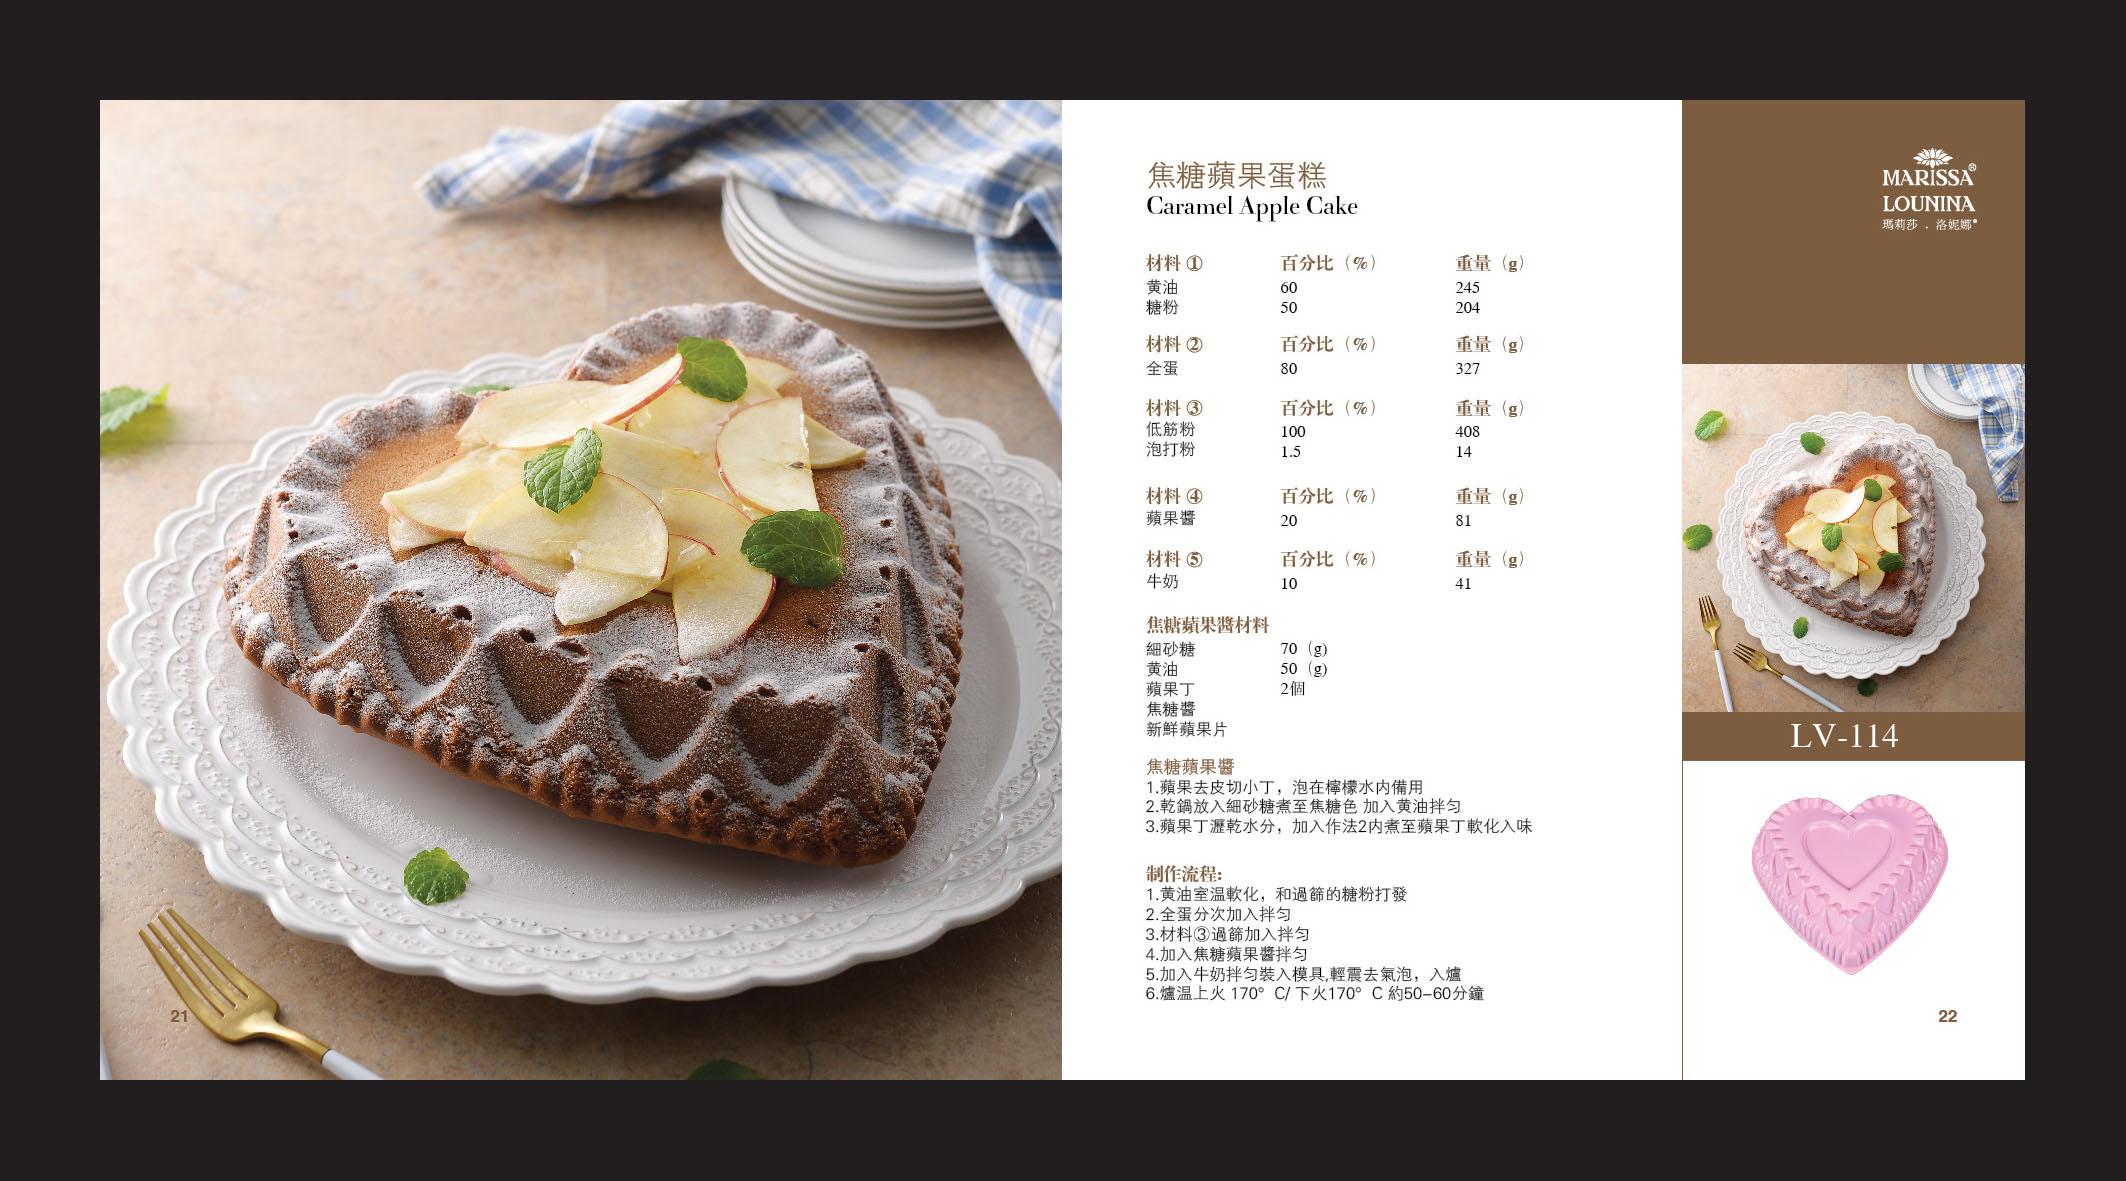 吕一斌 蛋糕模菜谱-114.jpg